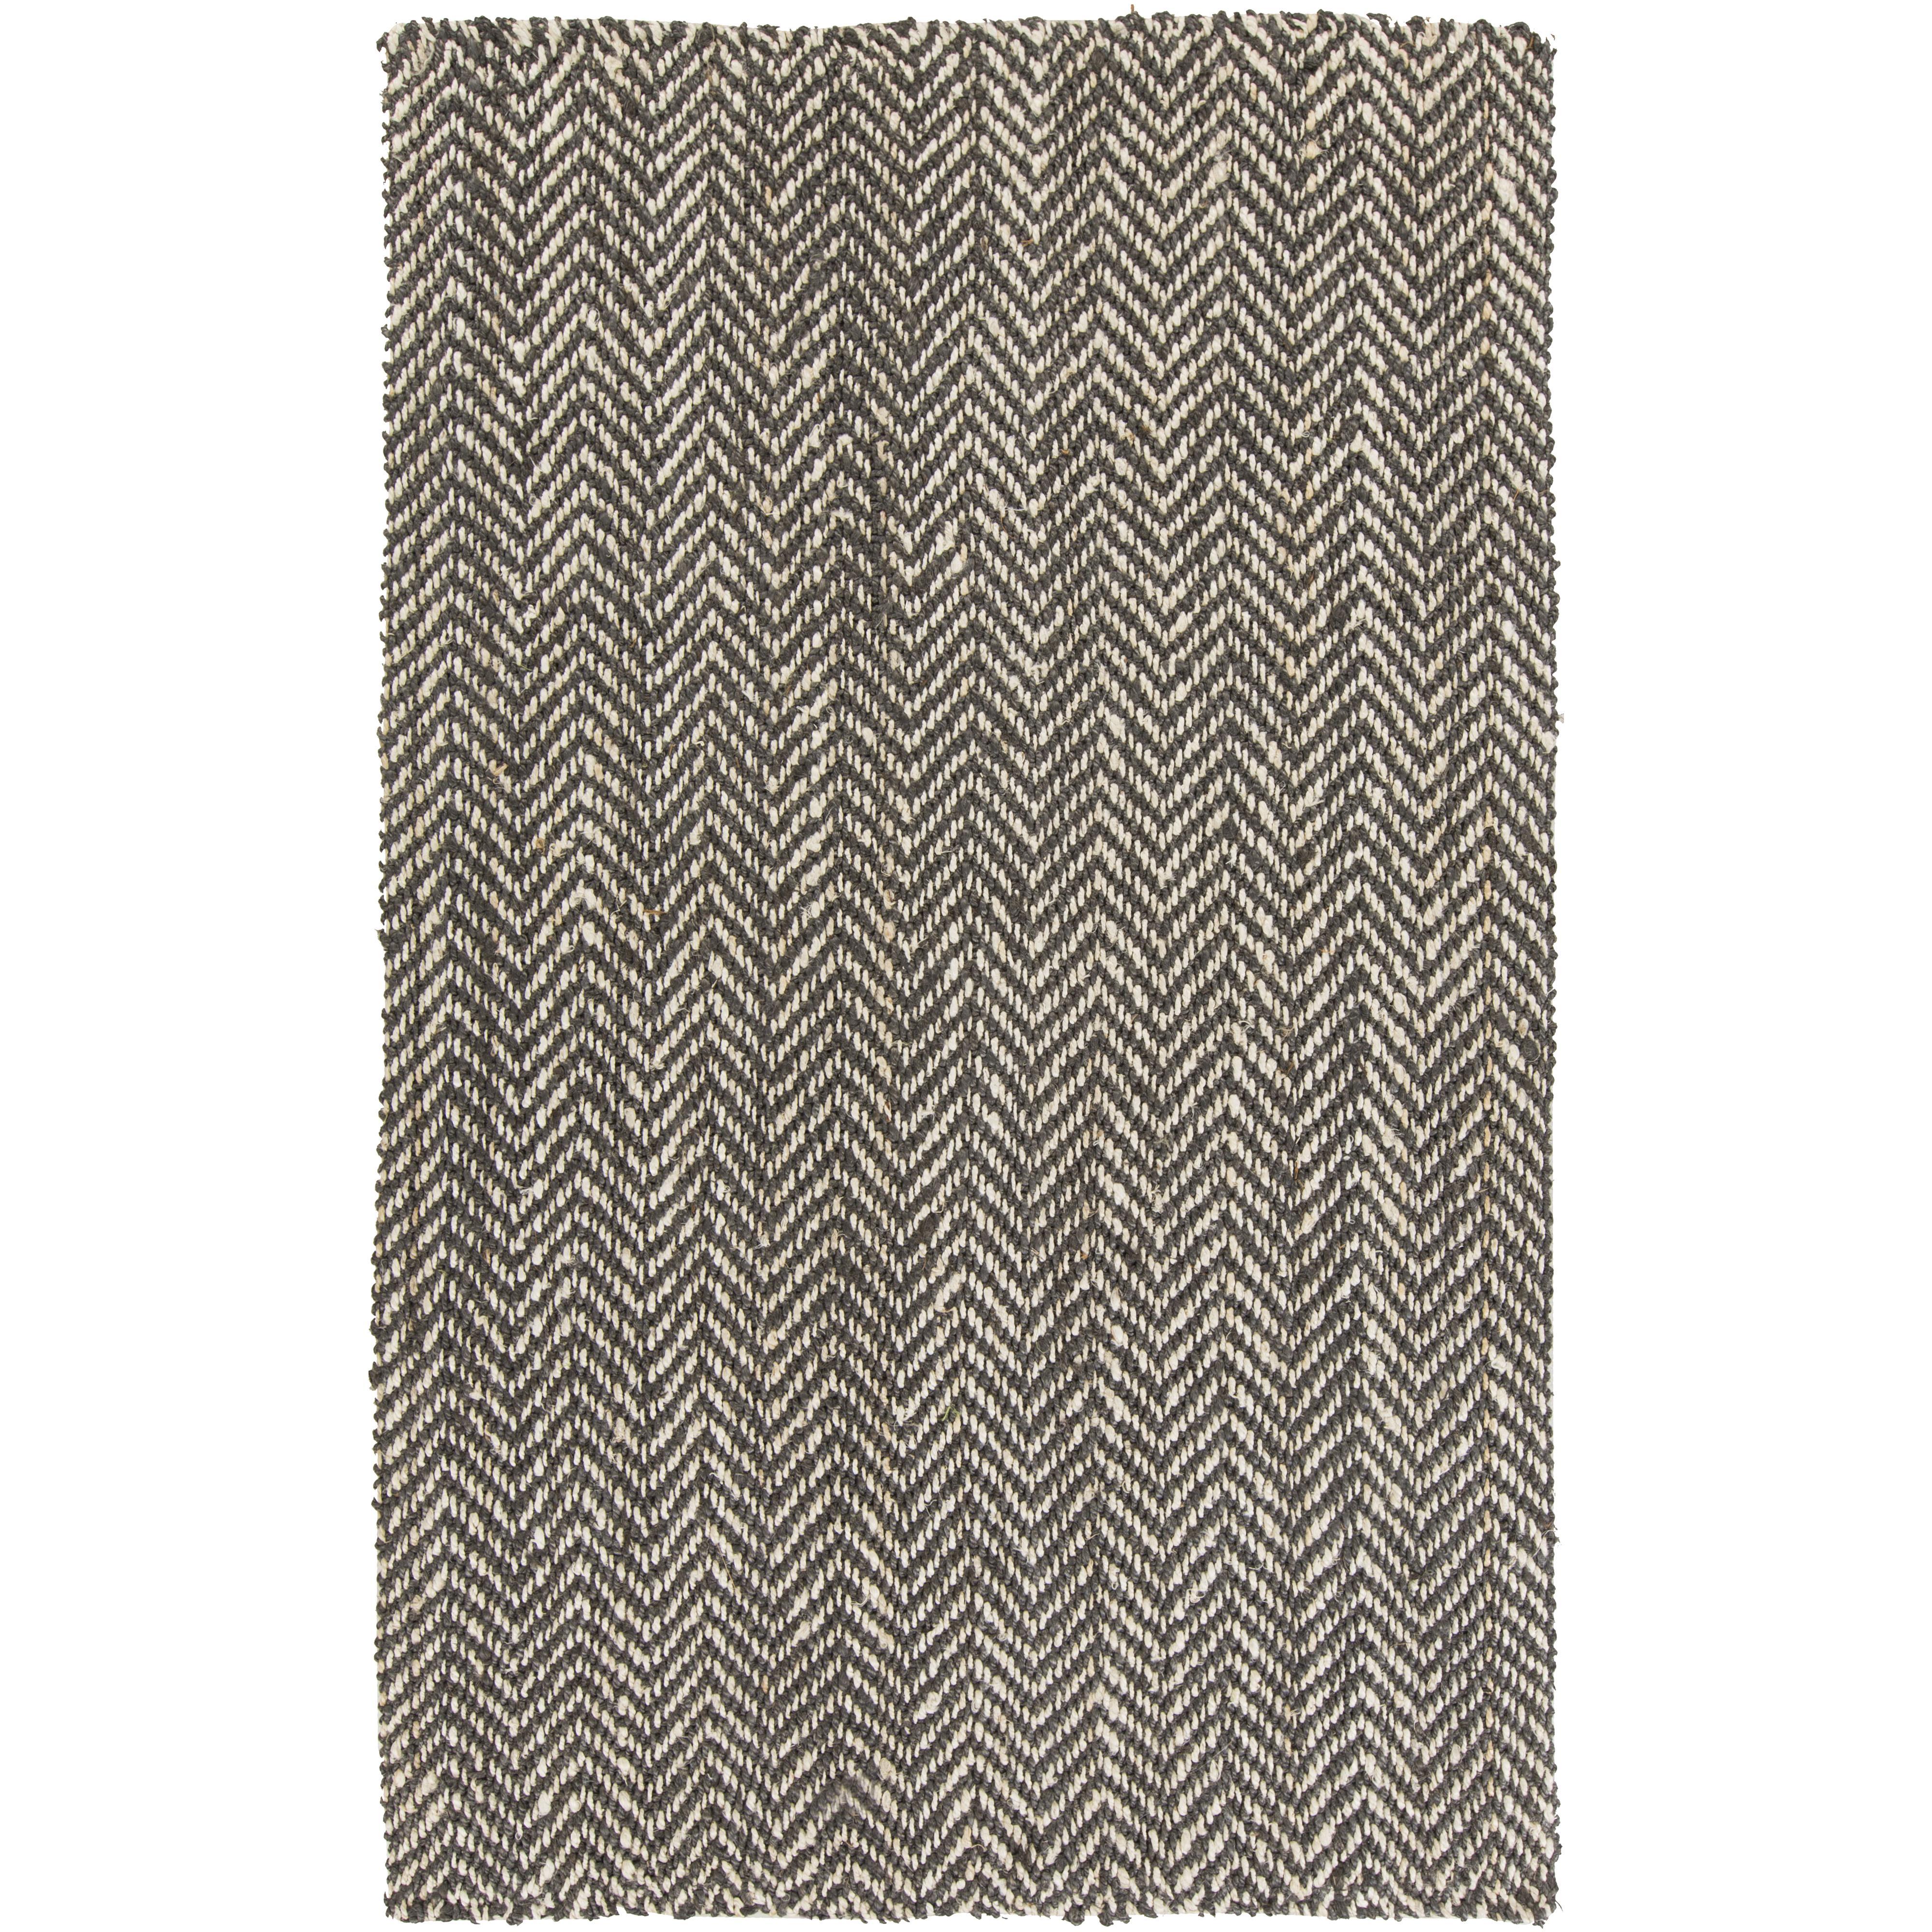 Surya Rugs Reeds 10' x 14' - Item Number: REED803-1014